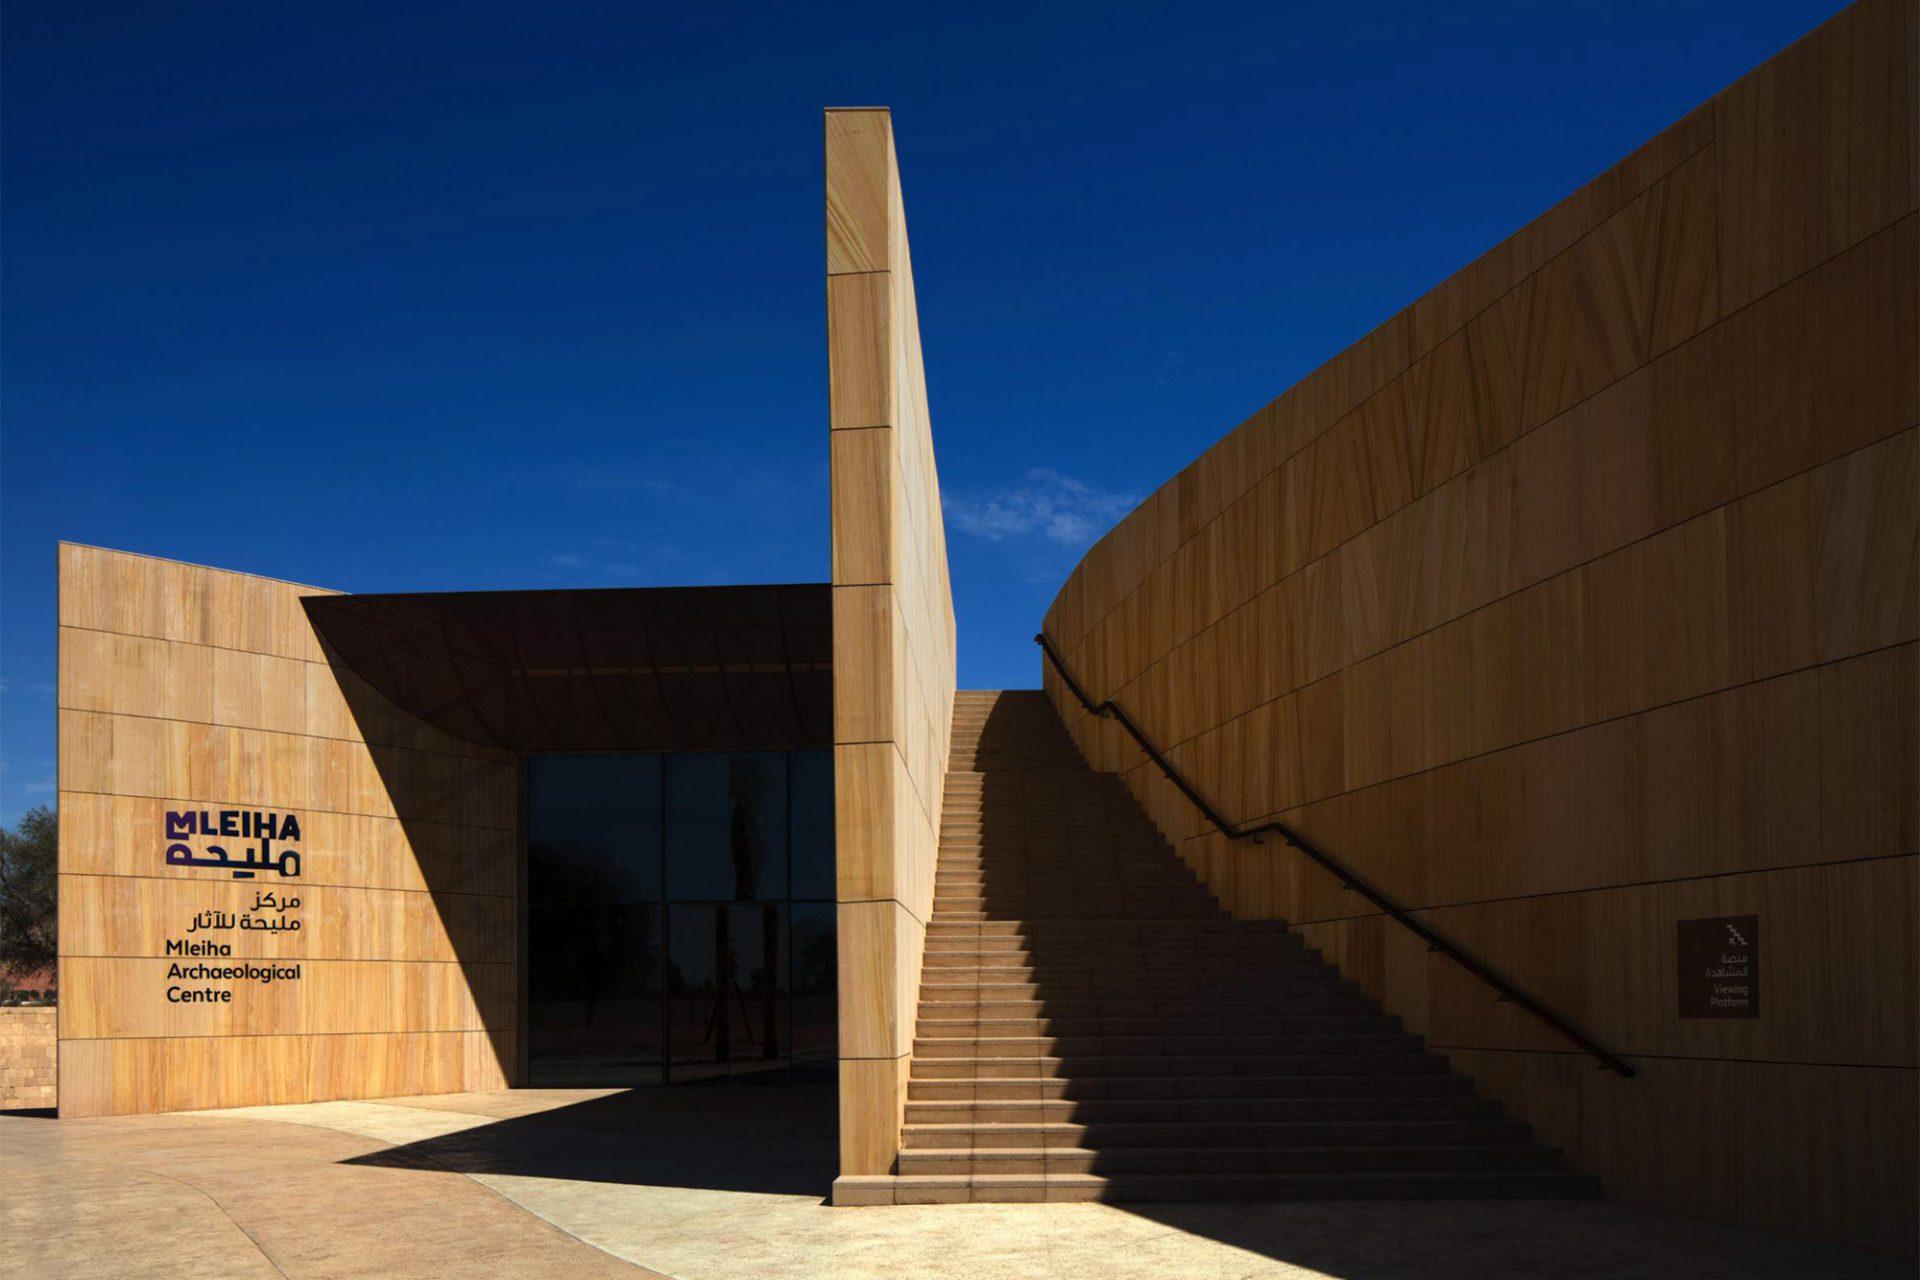 Mleiha Archaeological Centre. Neben dem Haupteingang führt zusätzlich eine Treppenanlage auf das Dach.